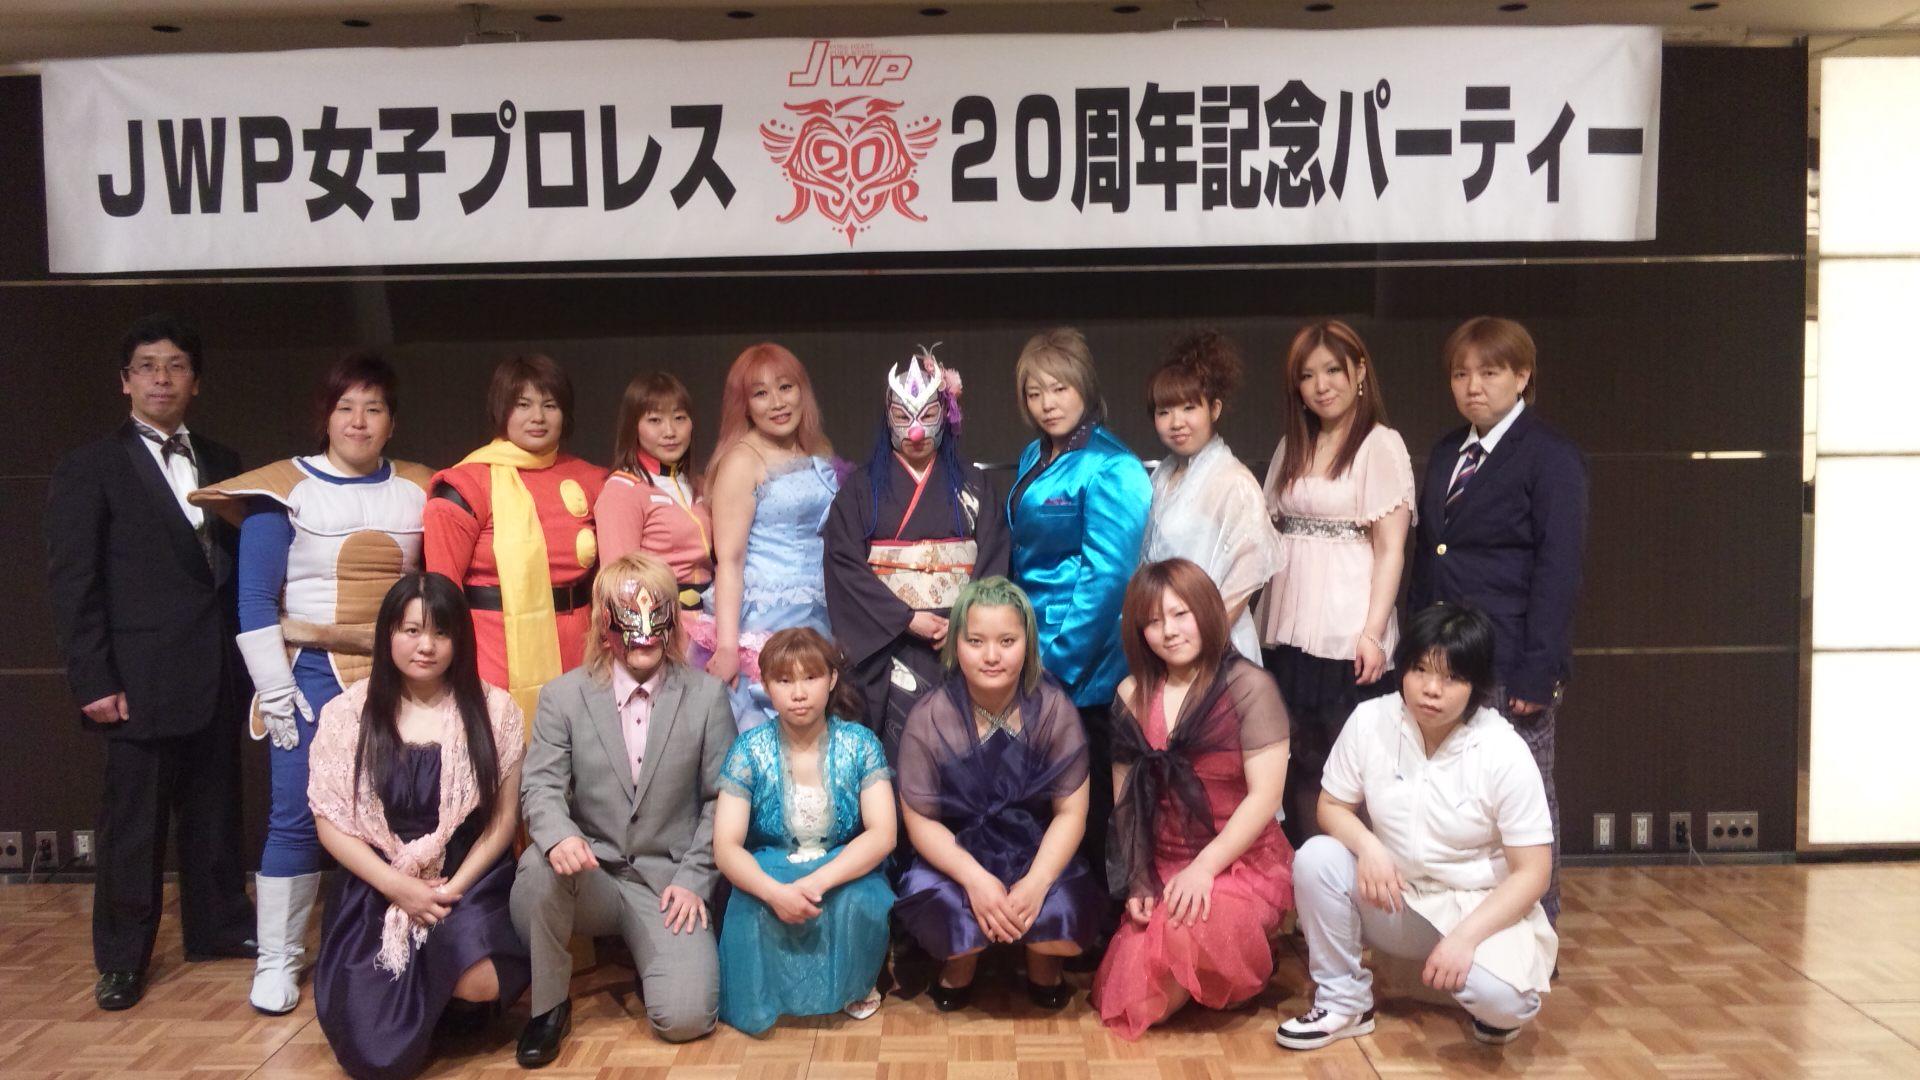 【JWP女子プロレス】「JWP女子プロレス25周年記念パーティー~THE 感謝祭~」開催のお知らせ